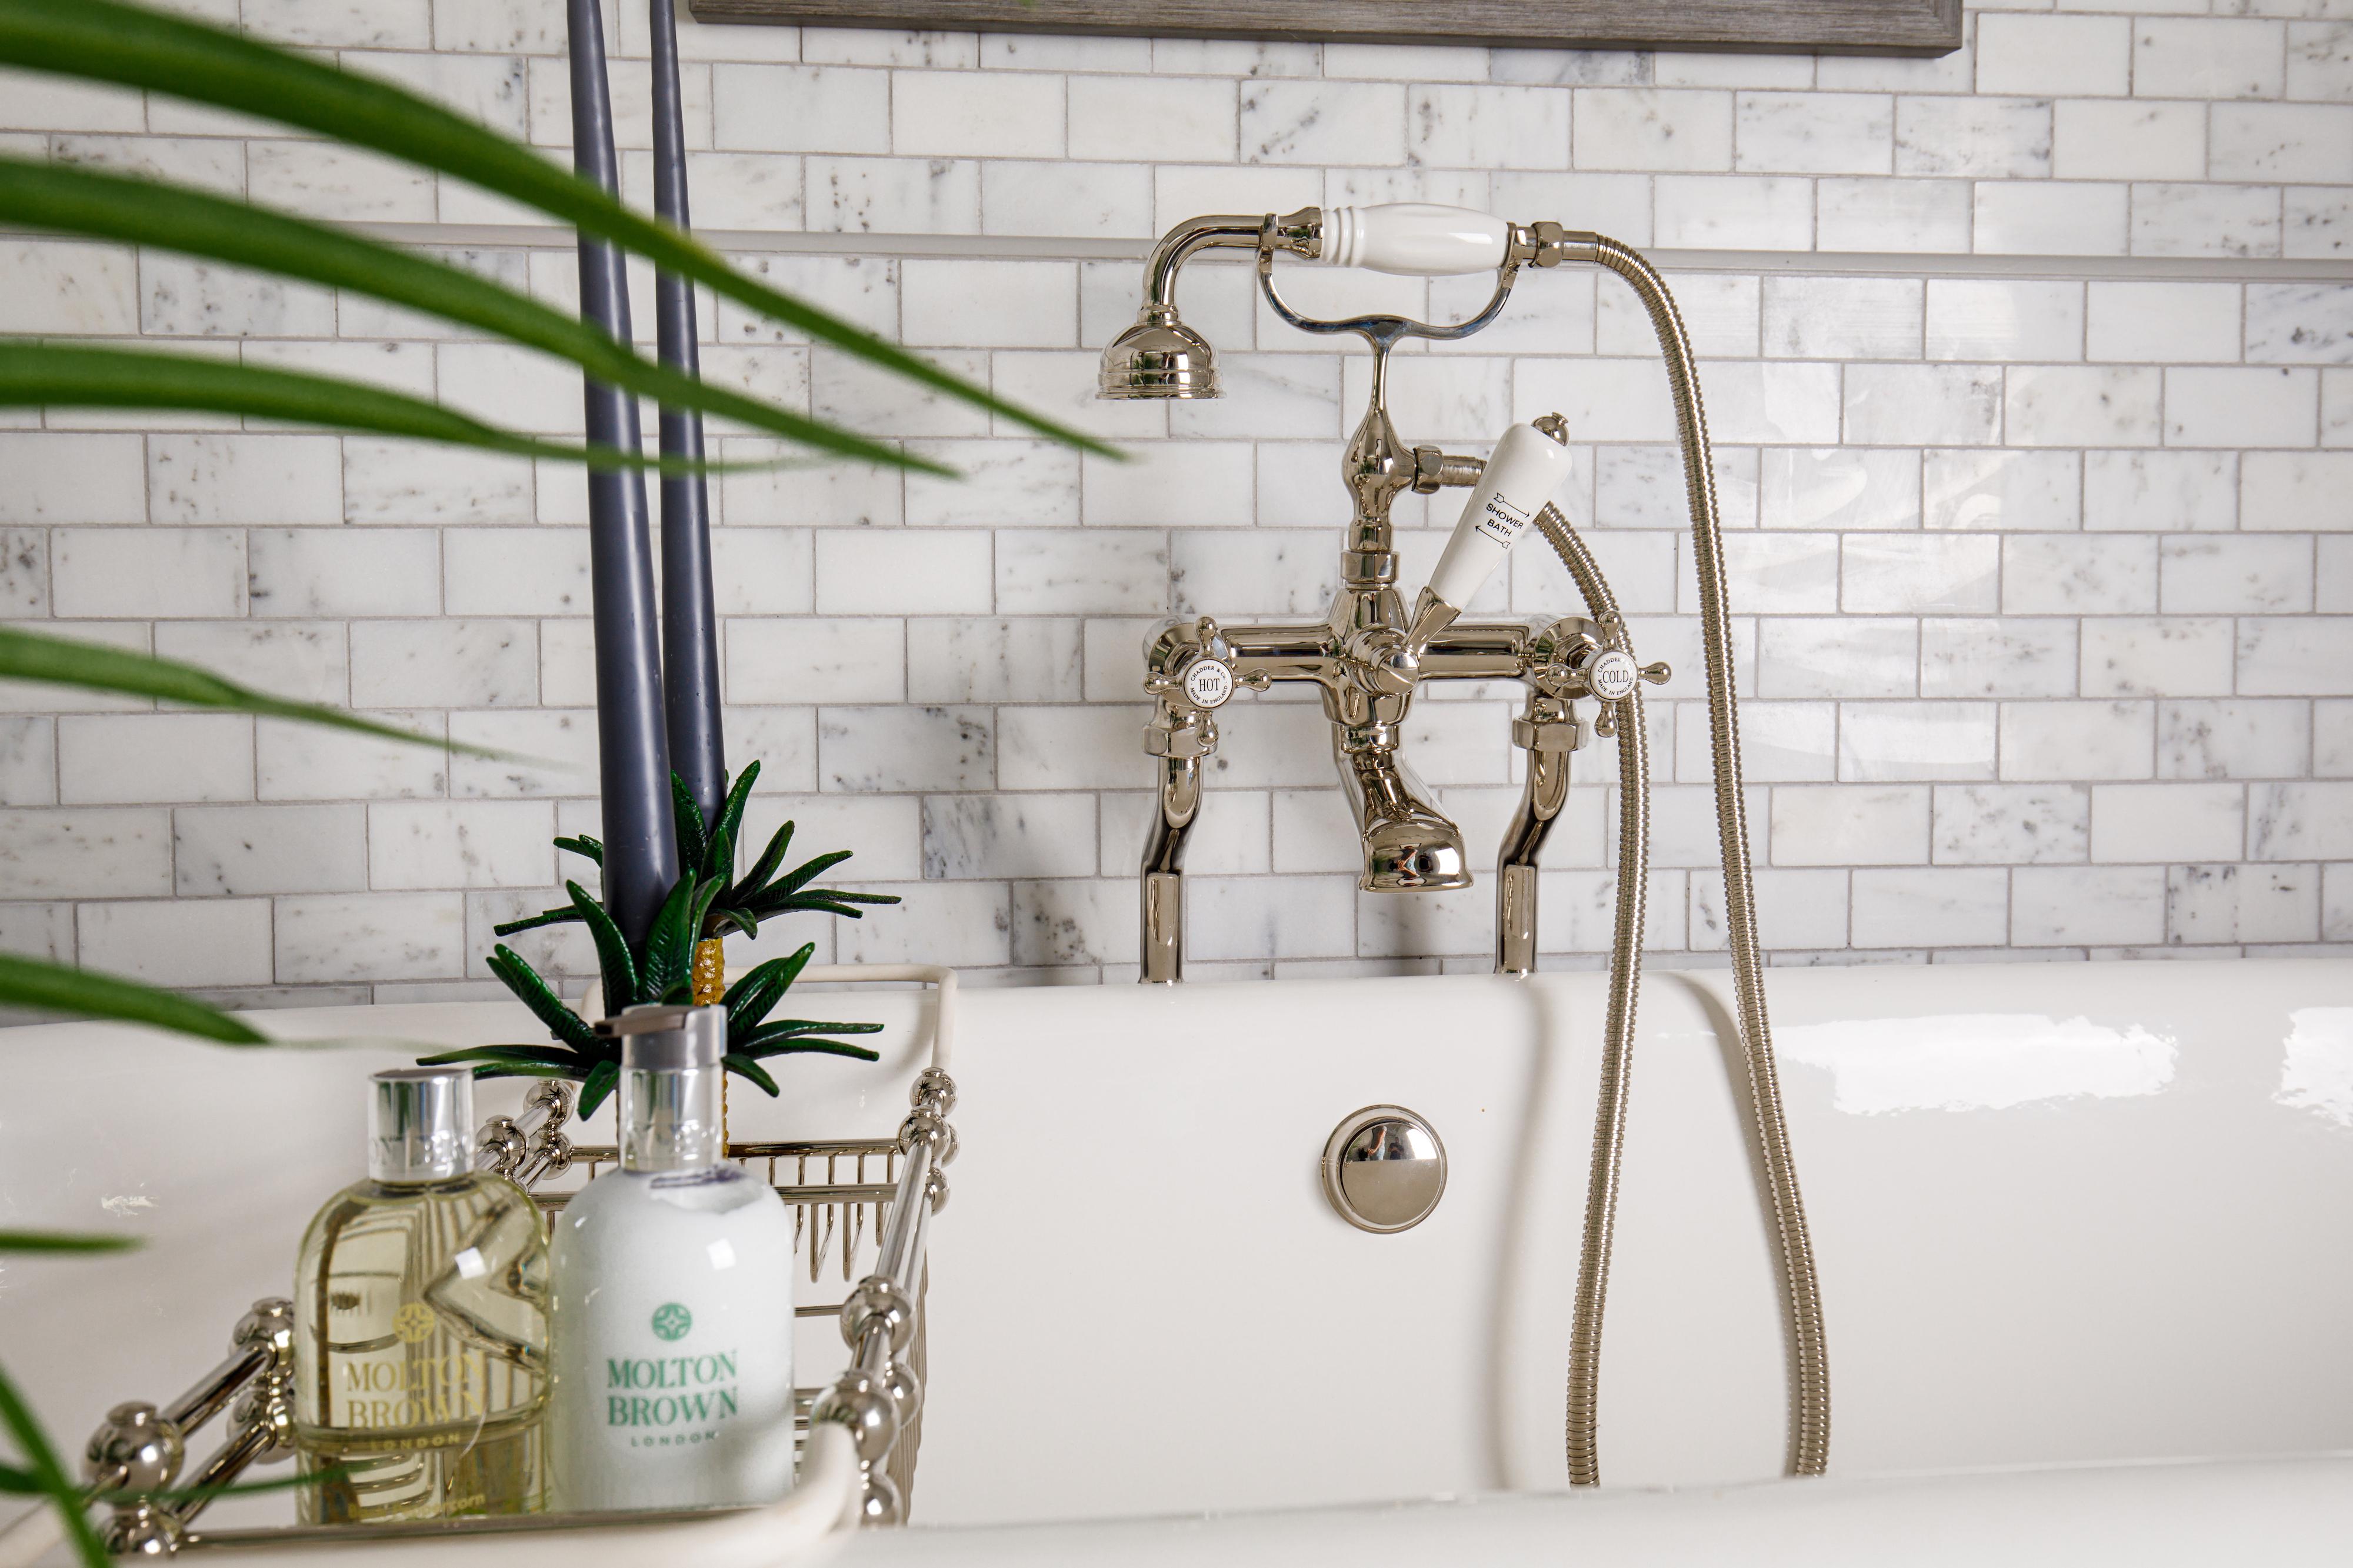 bath shower mixer in nickel finish